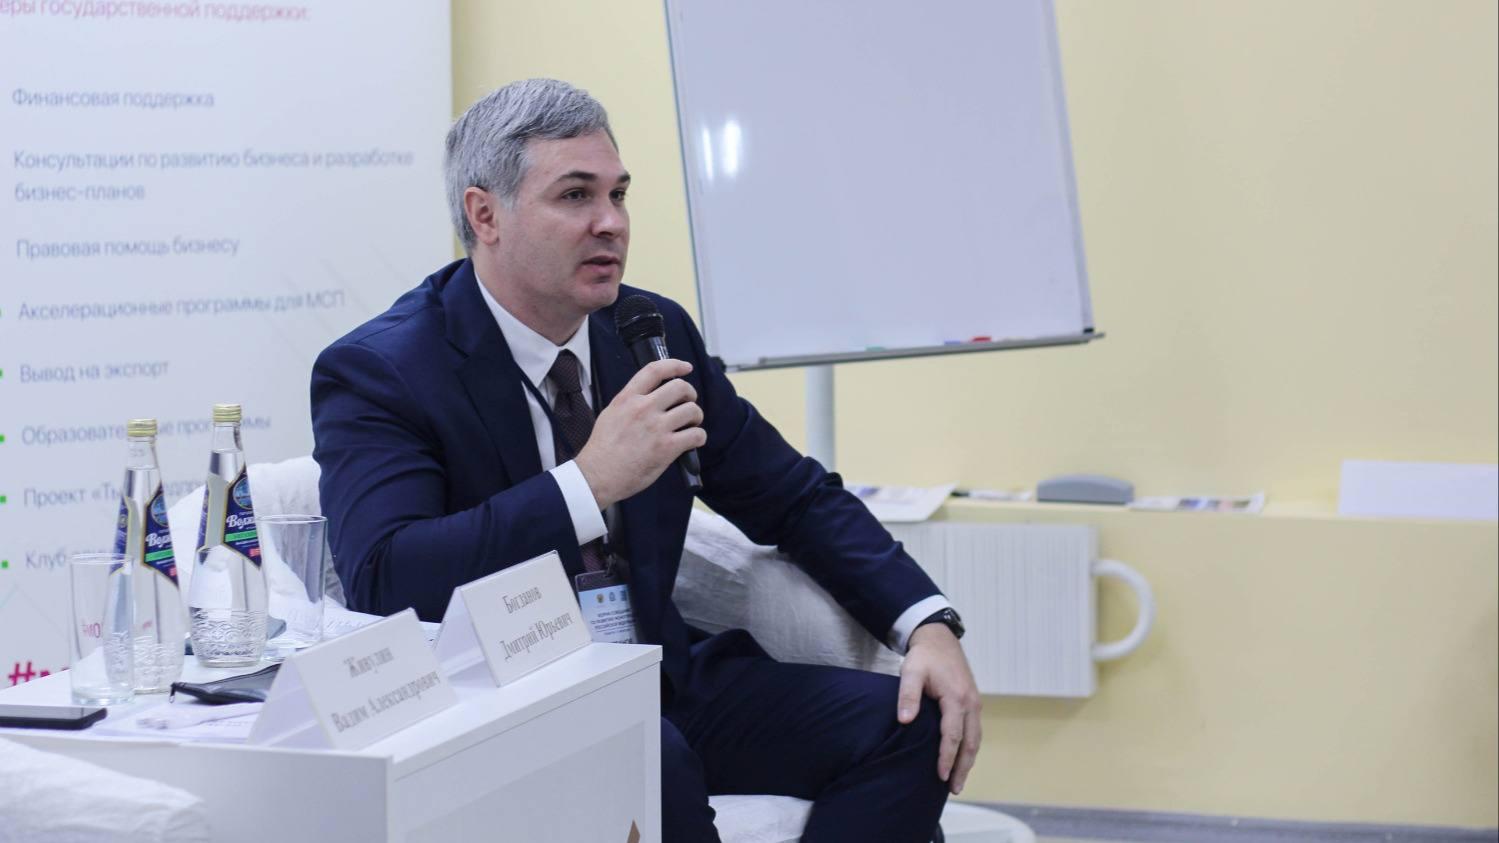 Дмитрий Богданов: «Вопрос доведения всех мер поддержки до предпринимателей – на особом контроле»